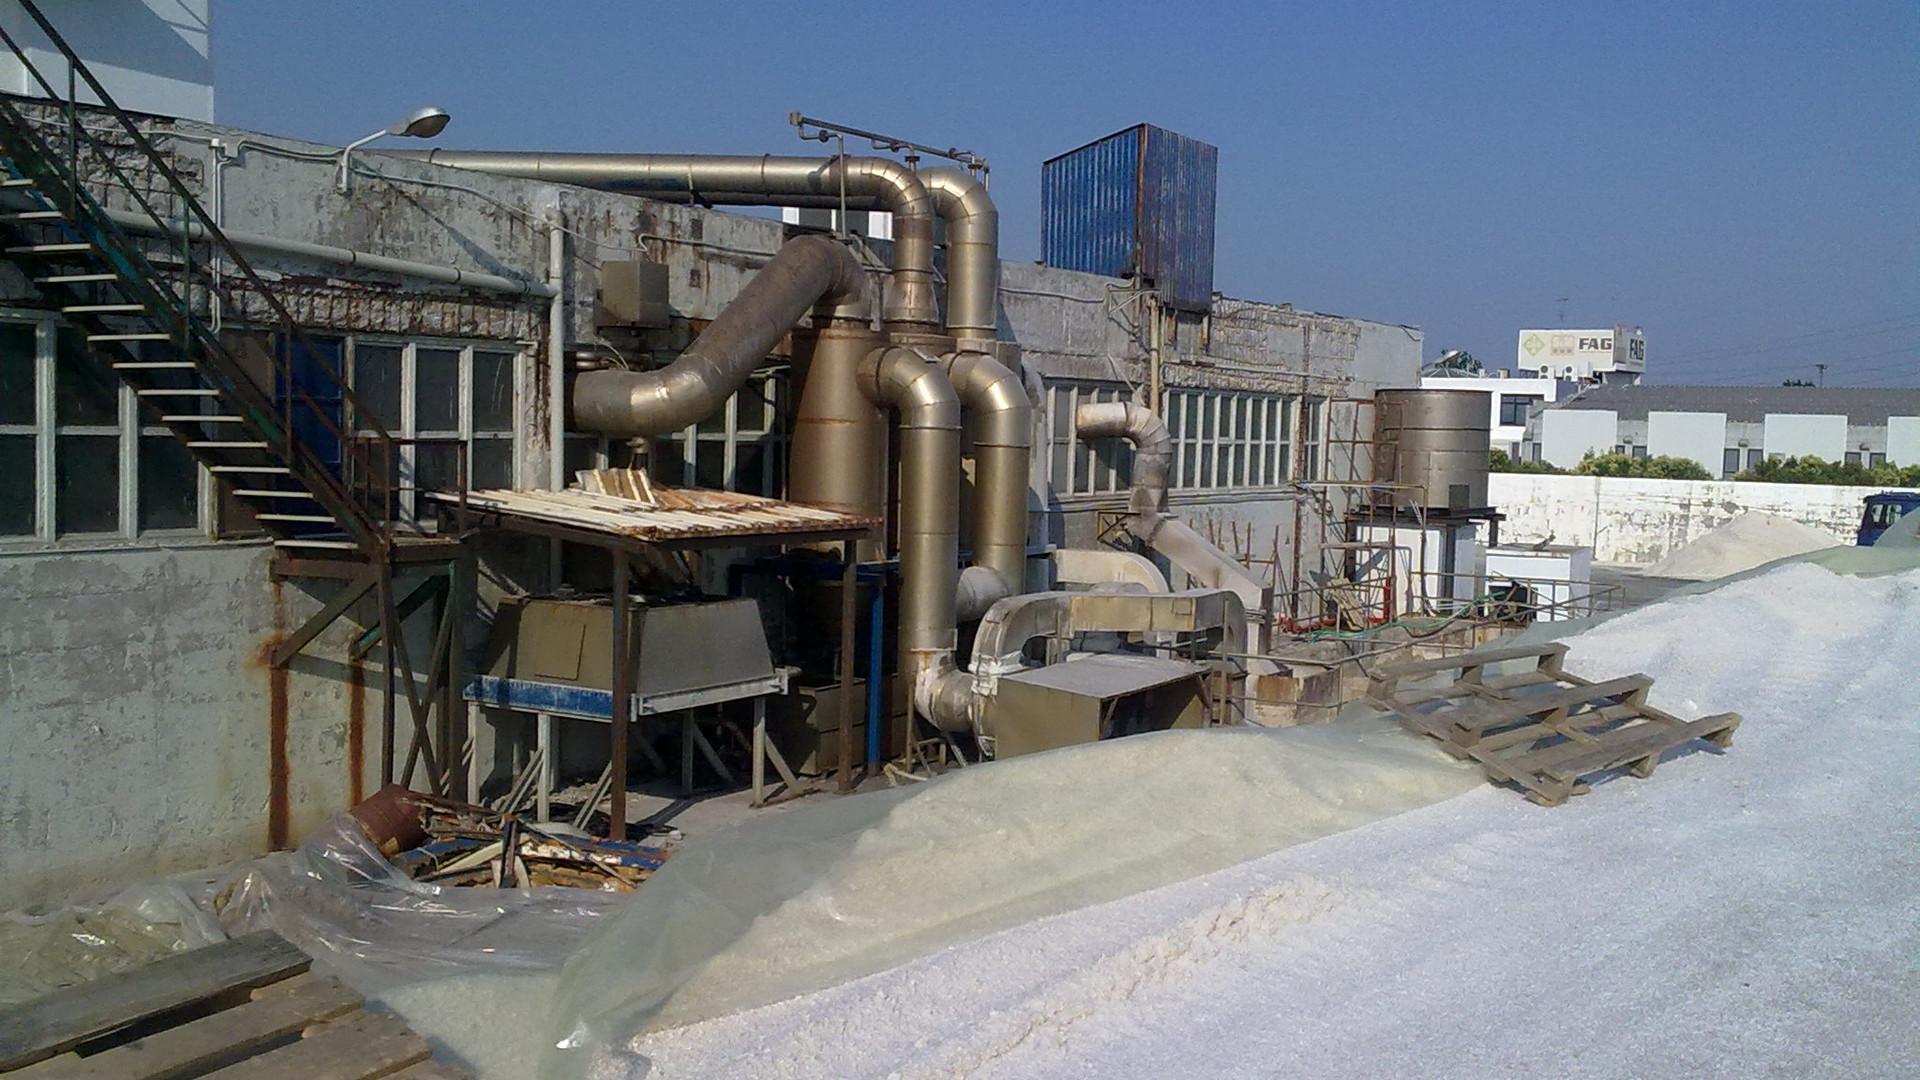 Εργοστάσιο ΑλατιούΚάλλας Εργασίες Αποκατάστασης και Ενίσχυσης Κατασκεύης Σίνδος